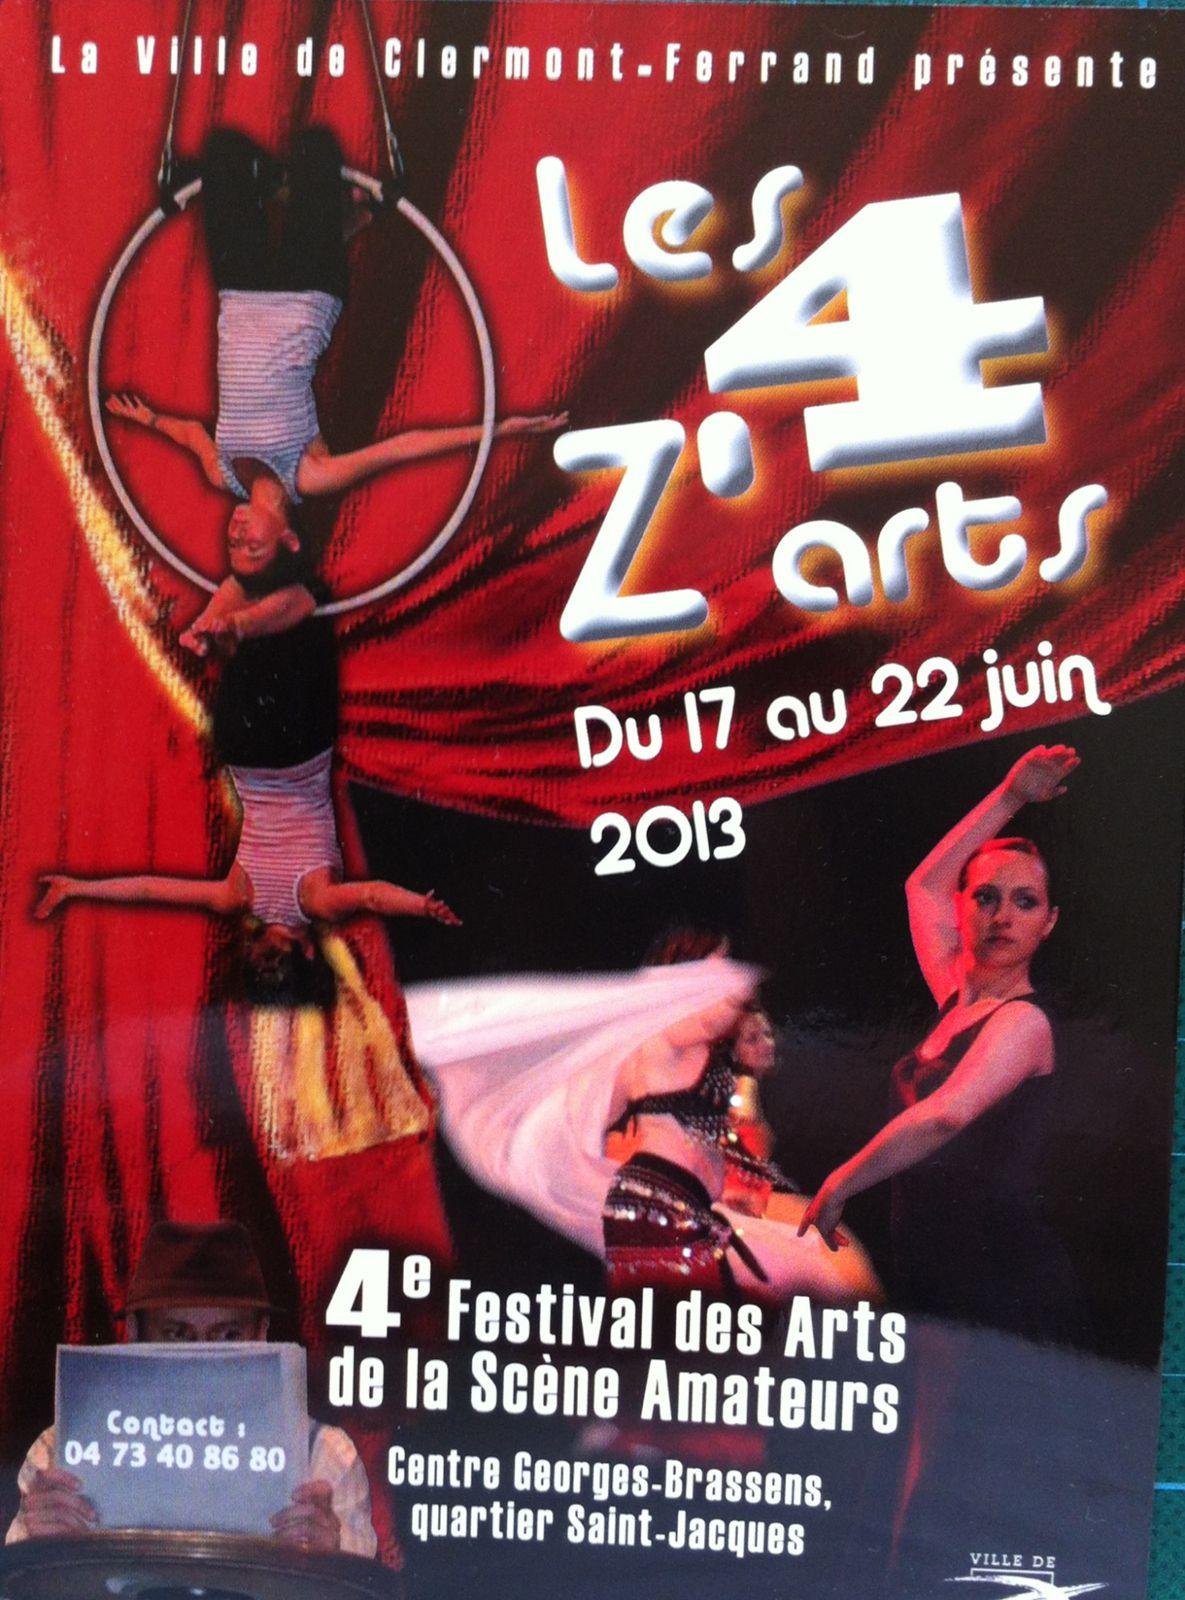 les 4 Z'arts au Centre Georges Brassens